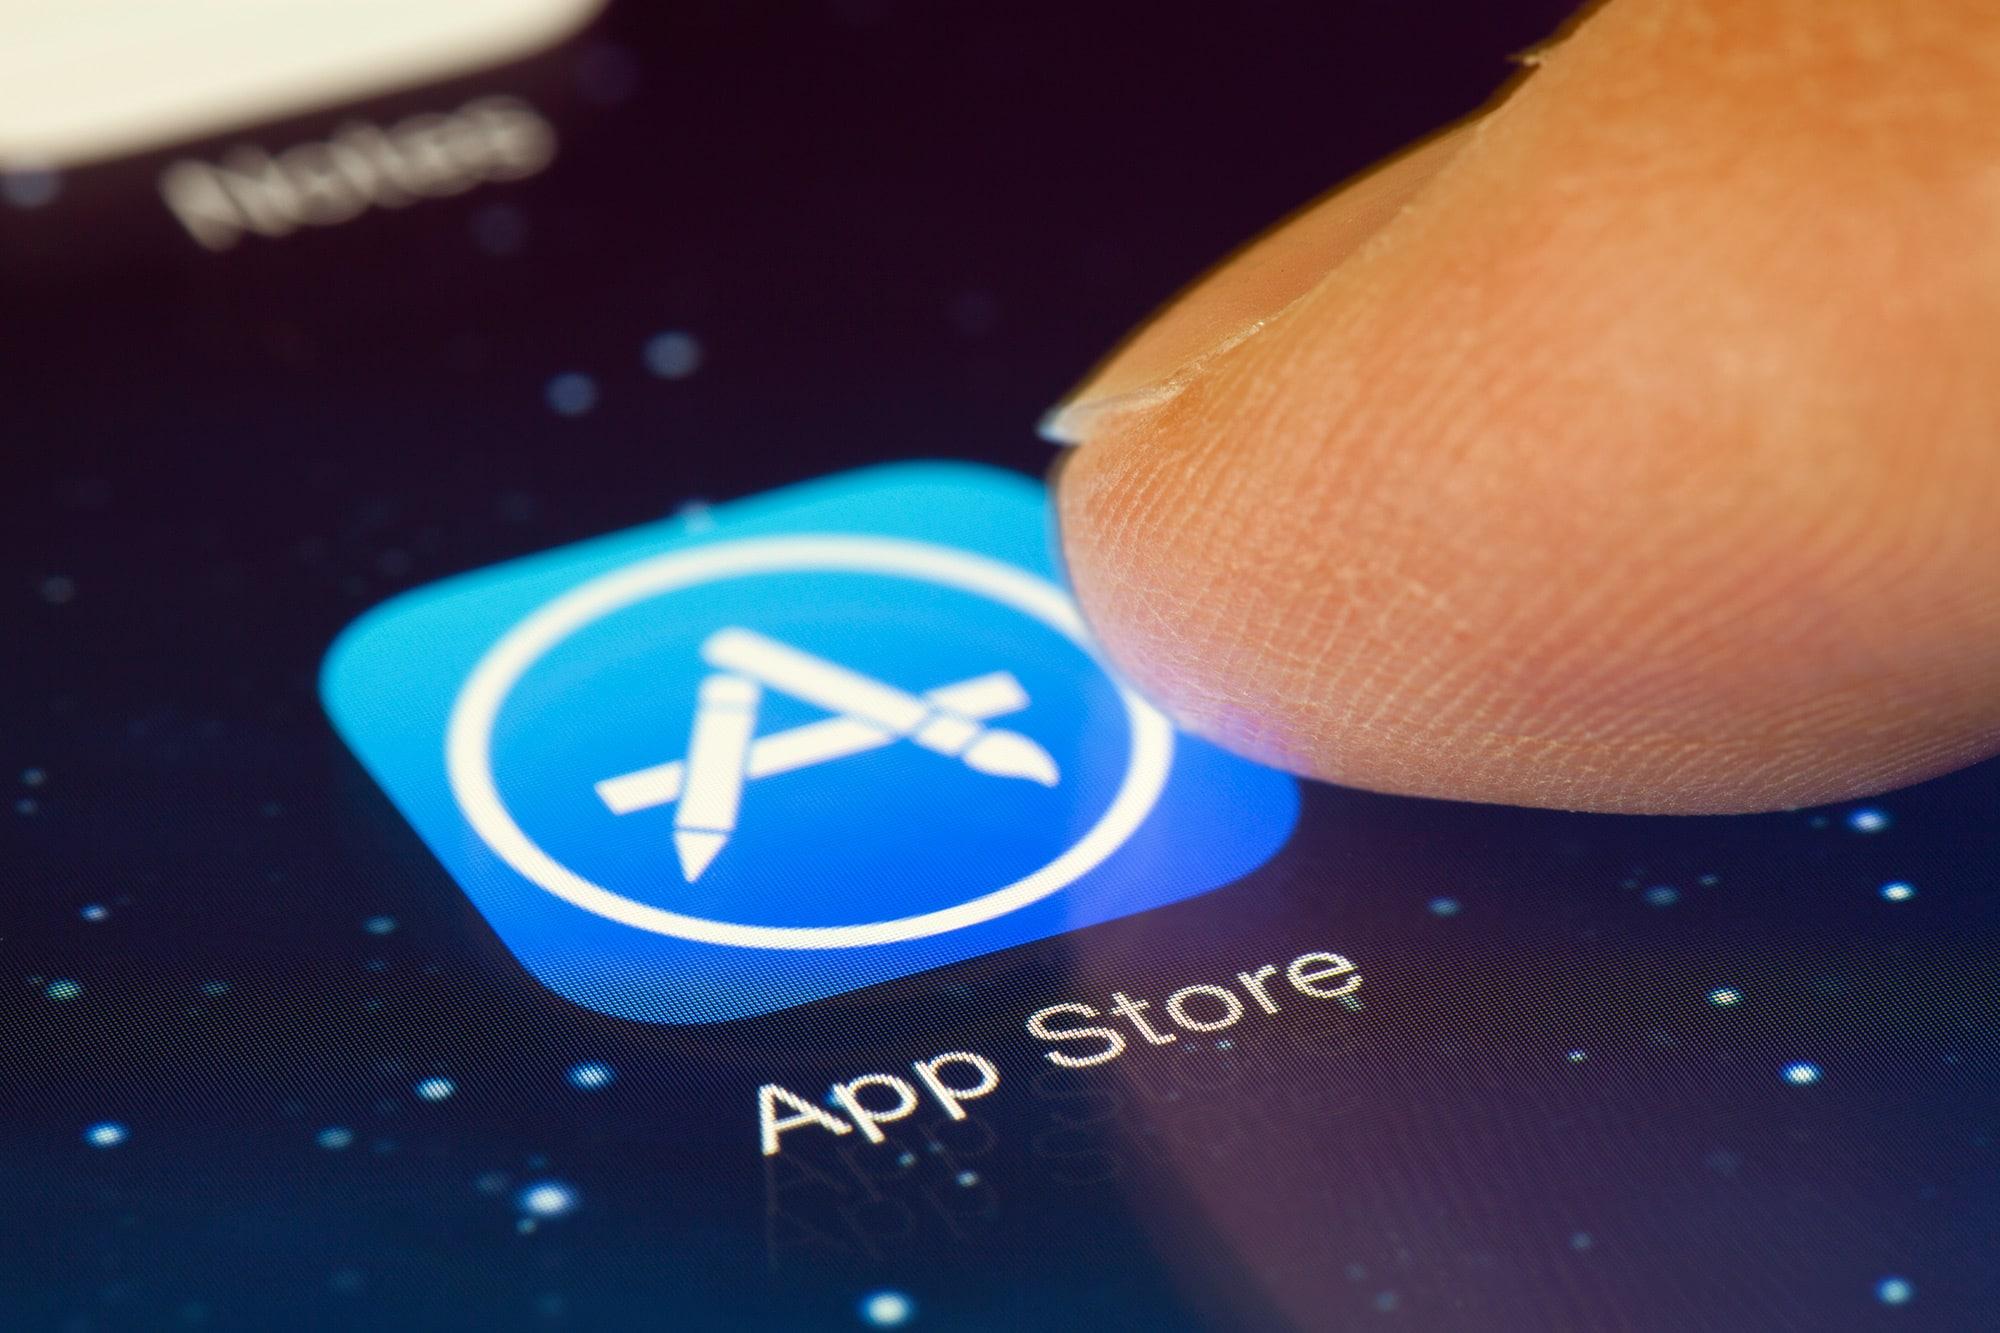 Dedo tocando ícone da App Store